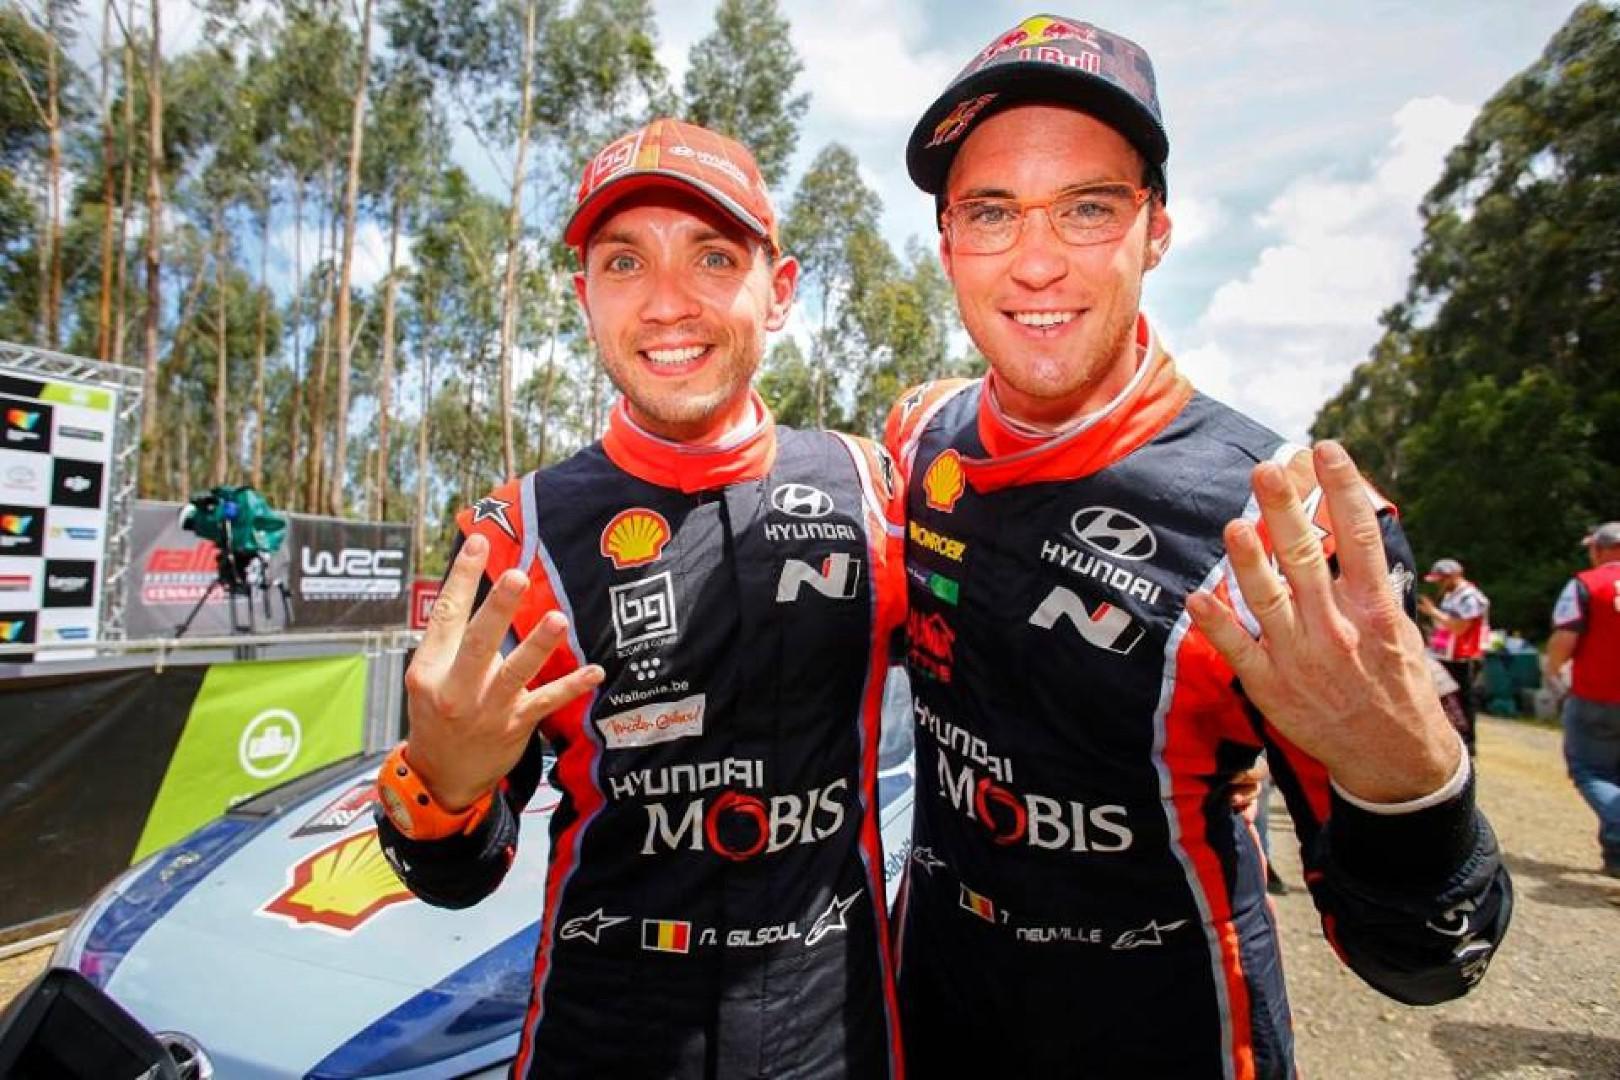 Rallye d'Australie 2017 : Thierry Neuville remporte sa quatrième victoire de la saison.